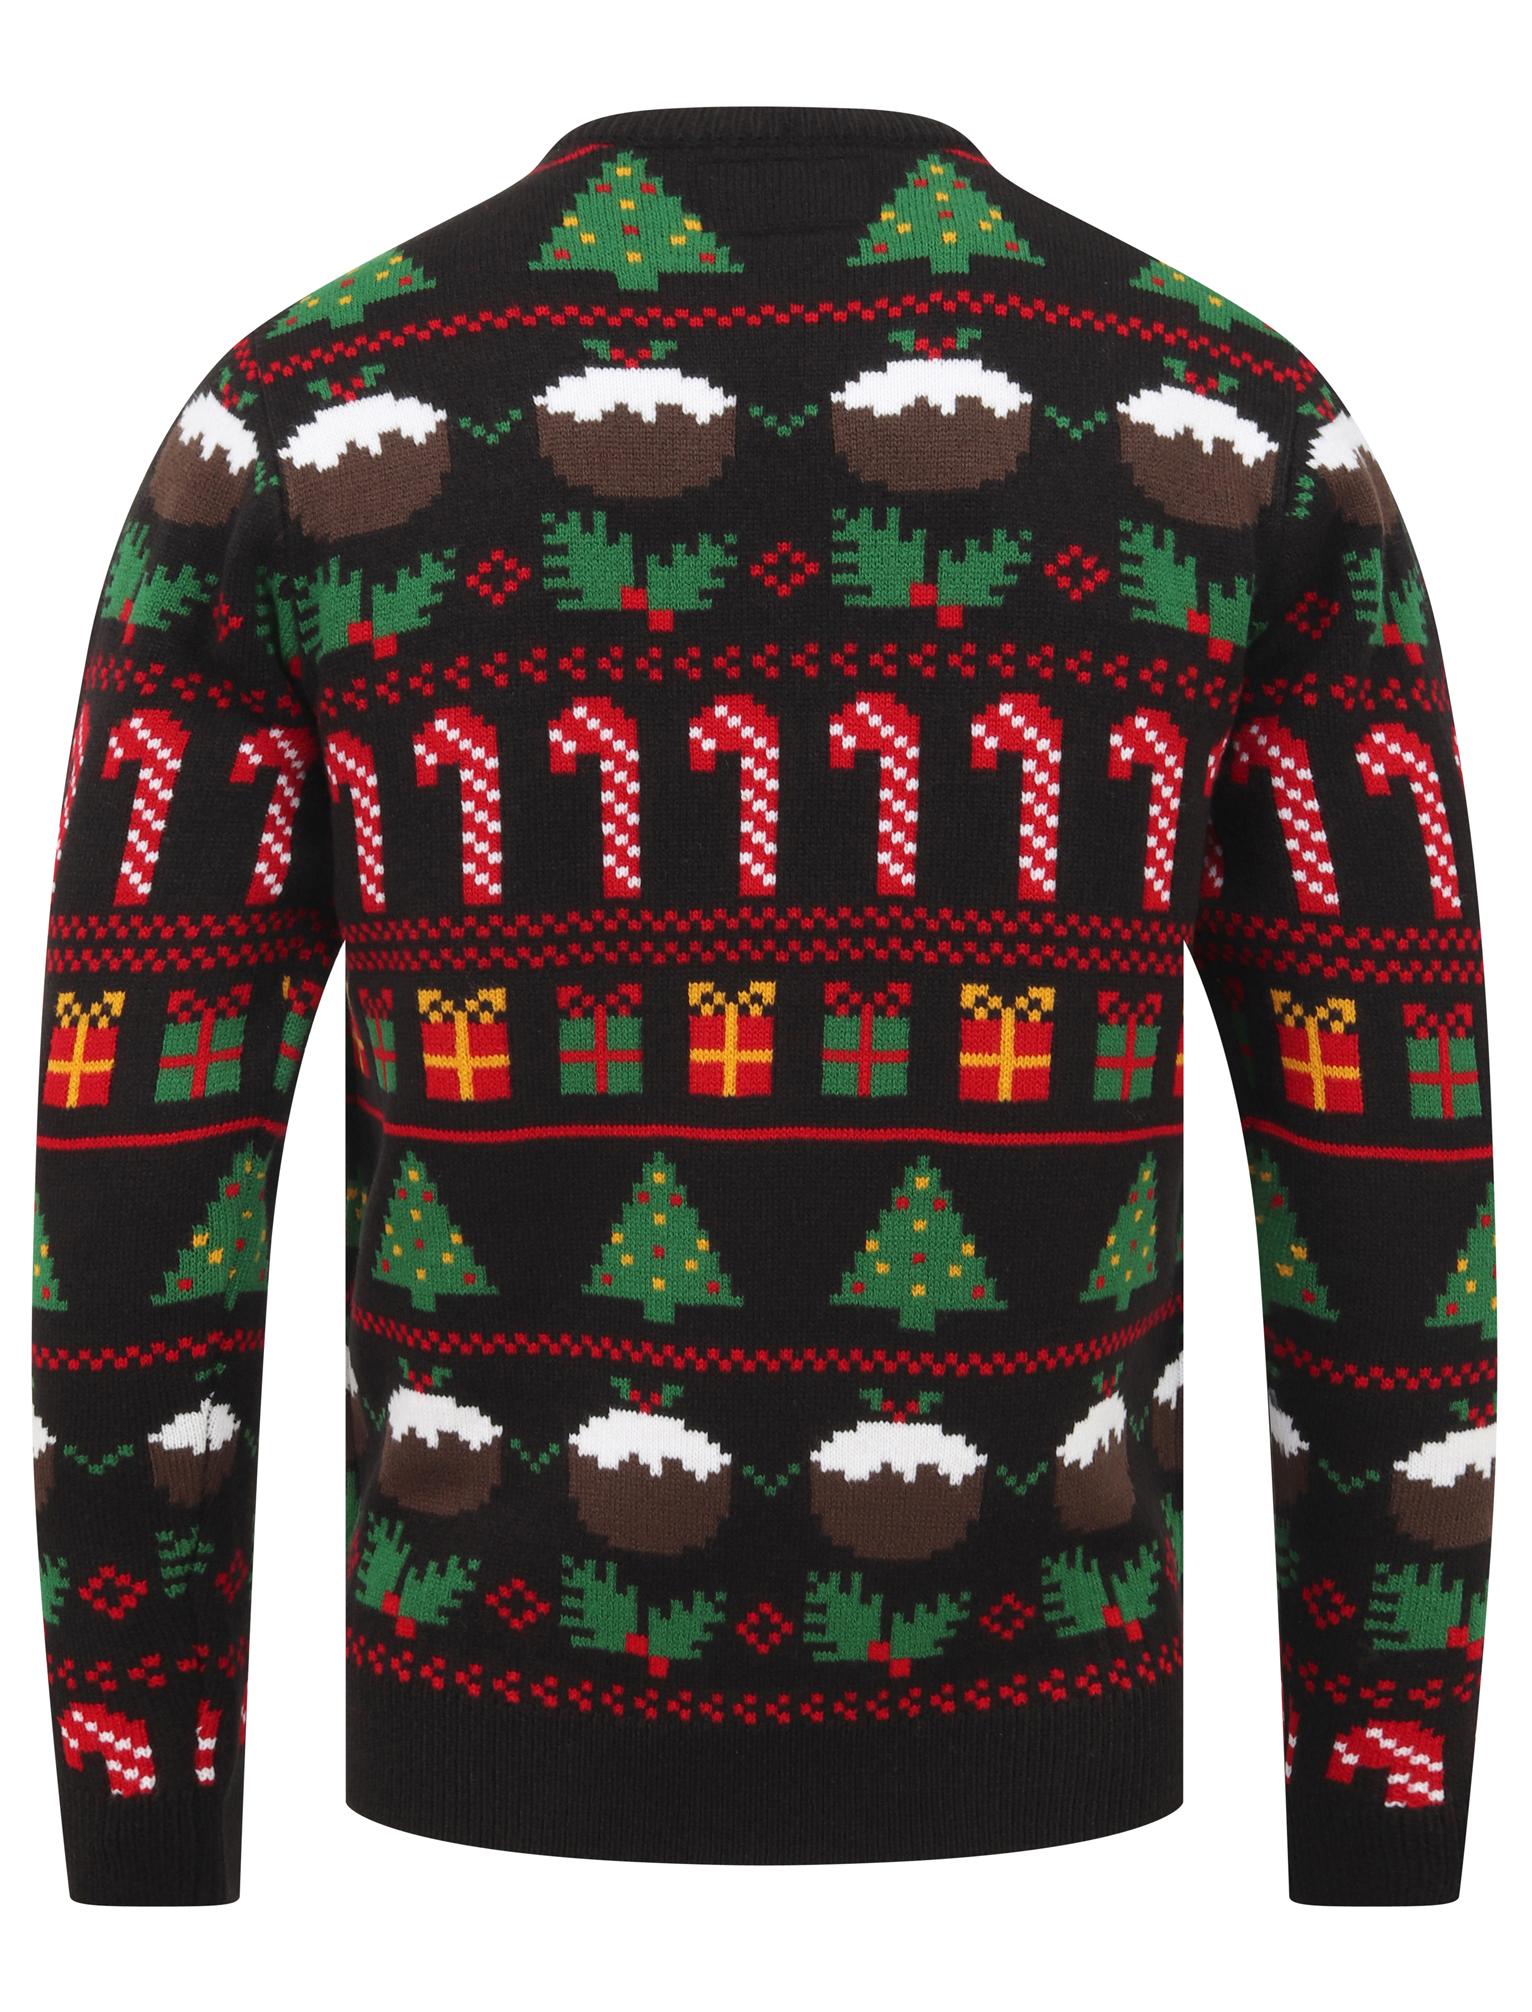 Feliz-Navidad-Para-Hombre-Novedad-Navidad-Sueter-Santa-Elfo-Reno-divertido-Cerveza miniatura 3